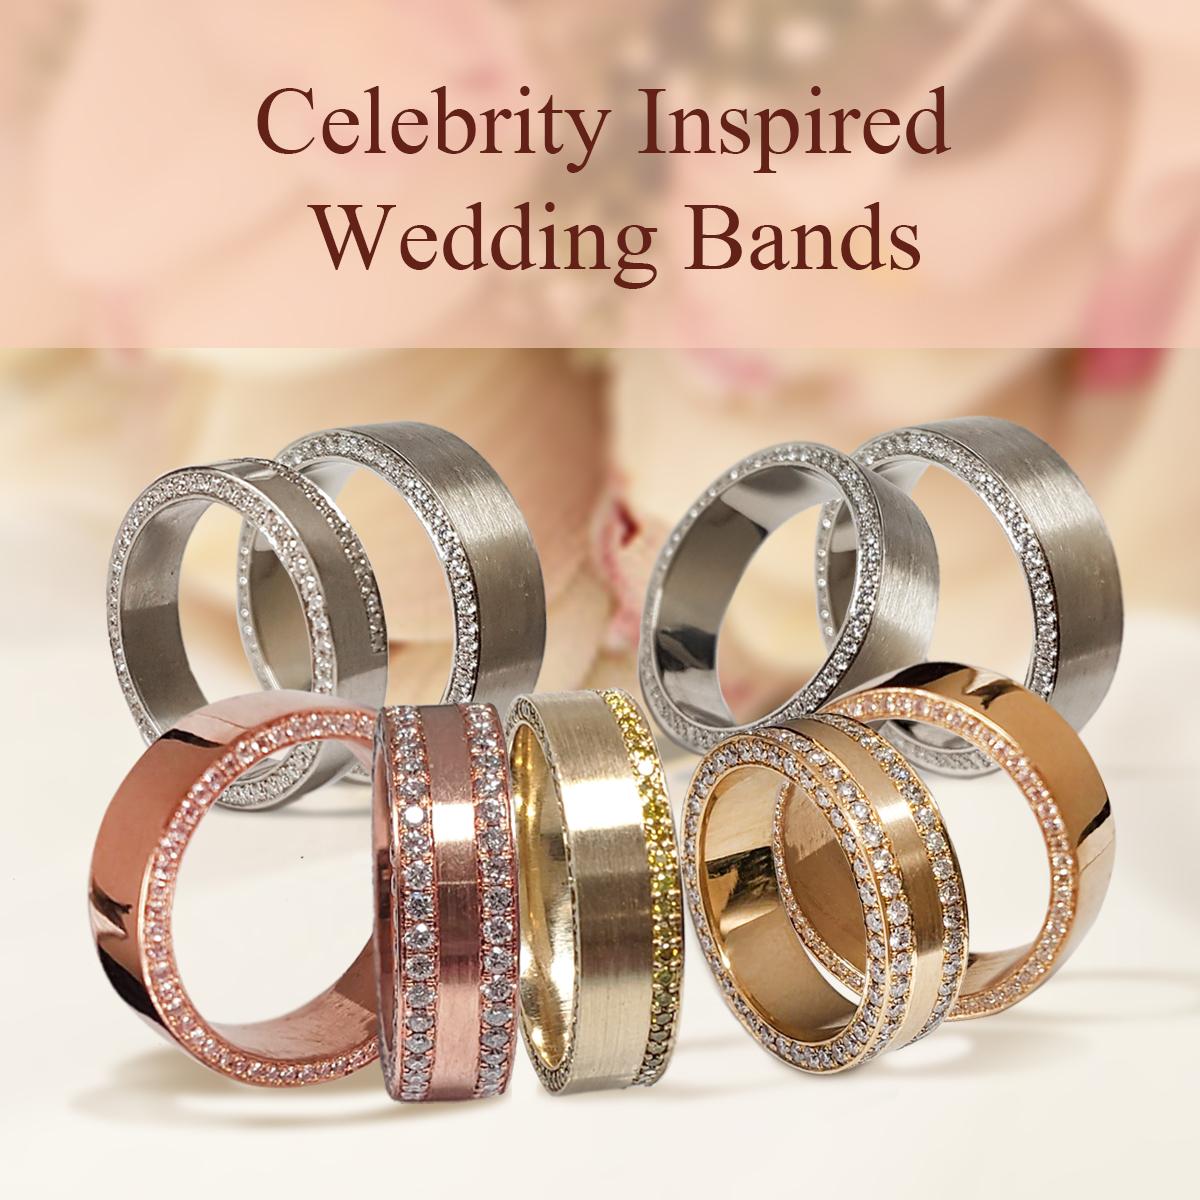 Celebrity Blog Image